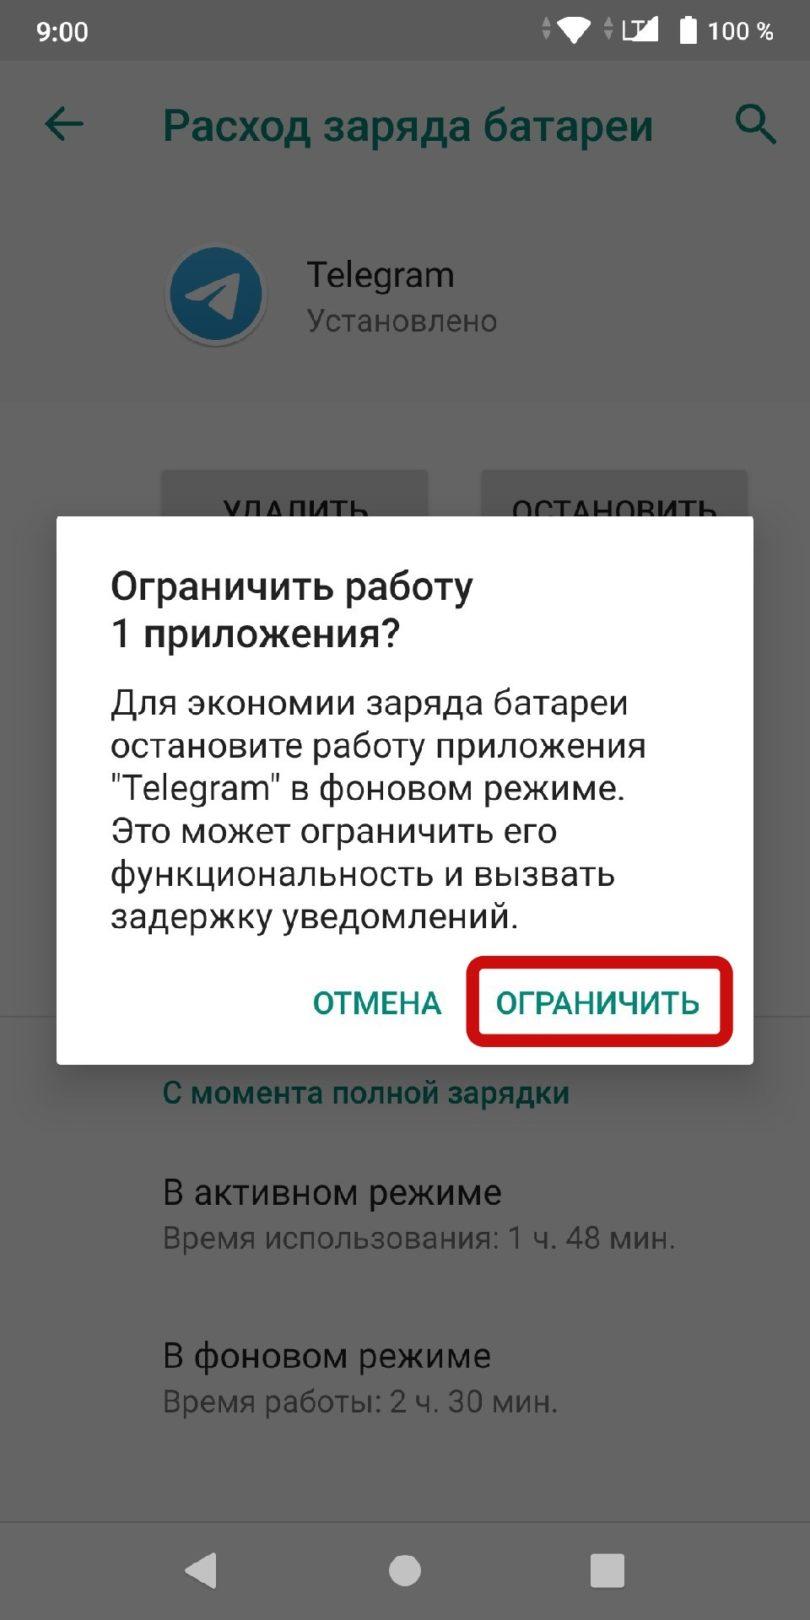 Фоновый режим: что это на смартфоне Android